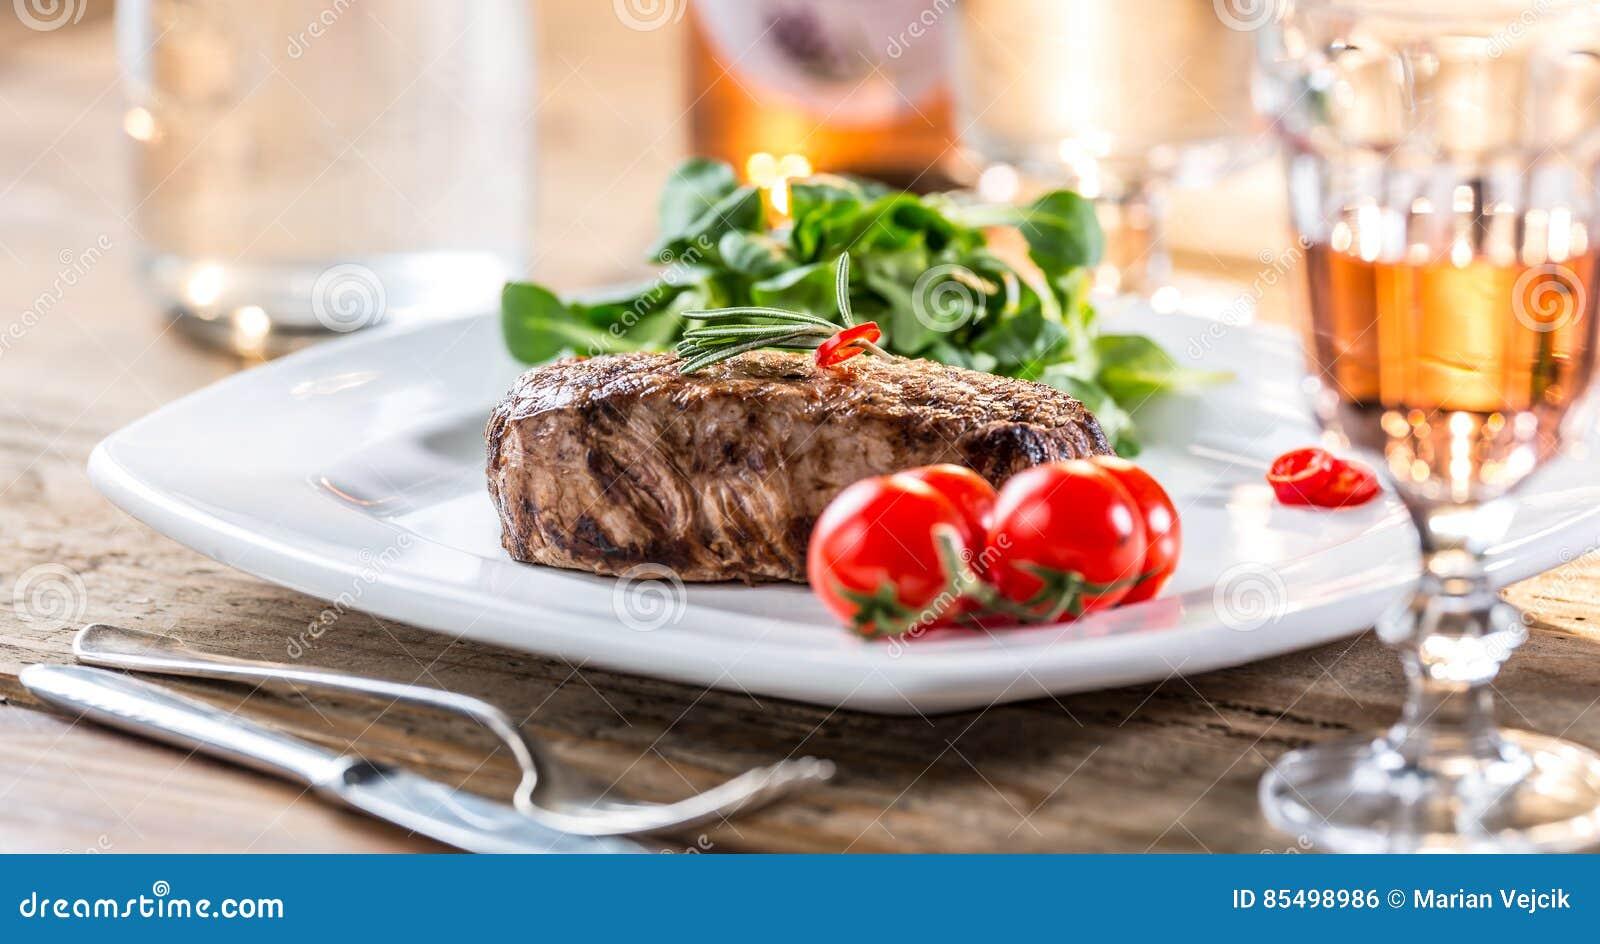 Μπριζόλα βόειου κρέατος juicy μπριζόλα βόειου κρέατος Γαστρονομική μπριζόλα με τα λαχανικά και το ποτήρι του ροδαλού κρασιού στον